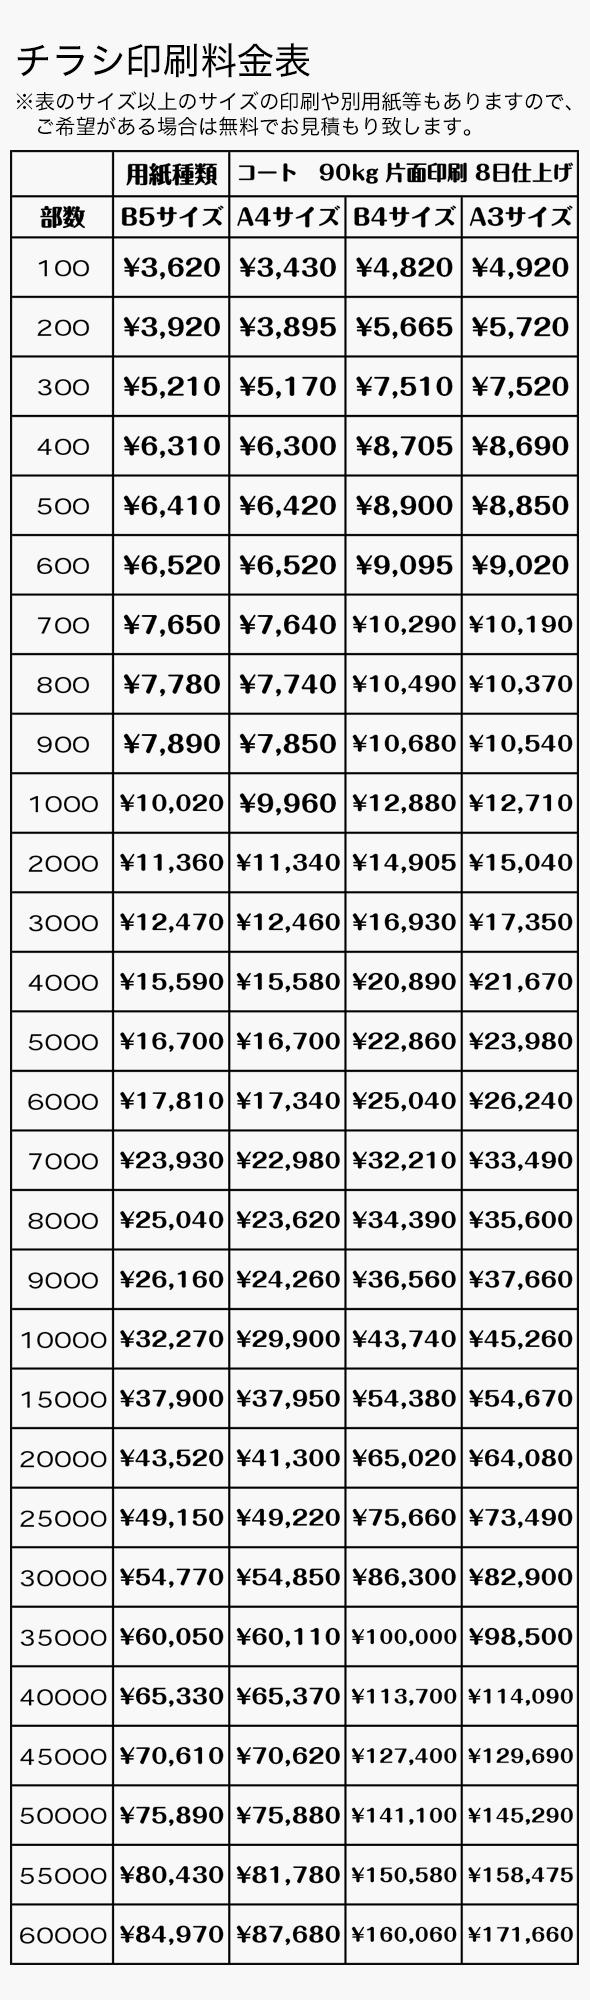 チラシ 印刷料金表